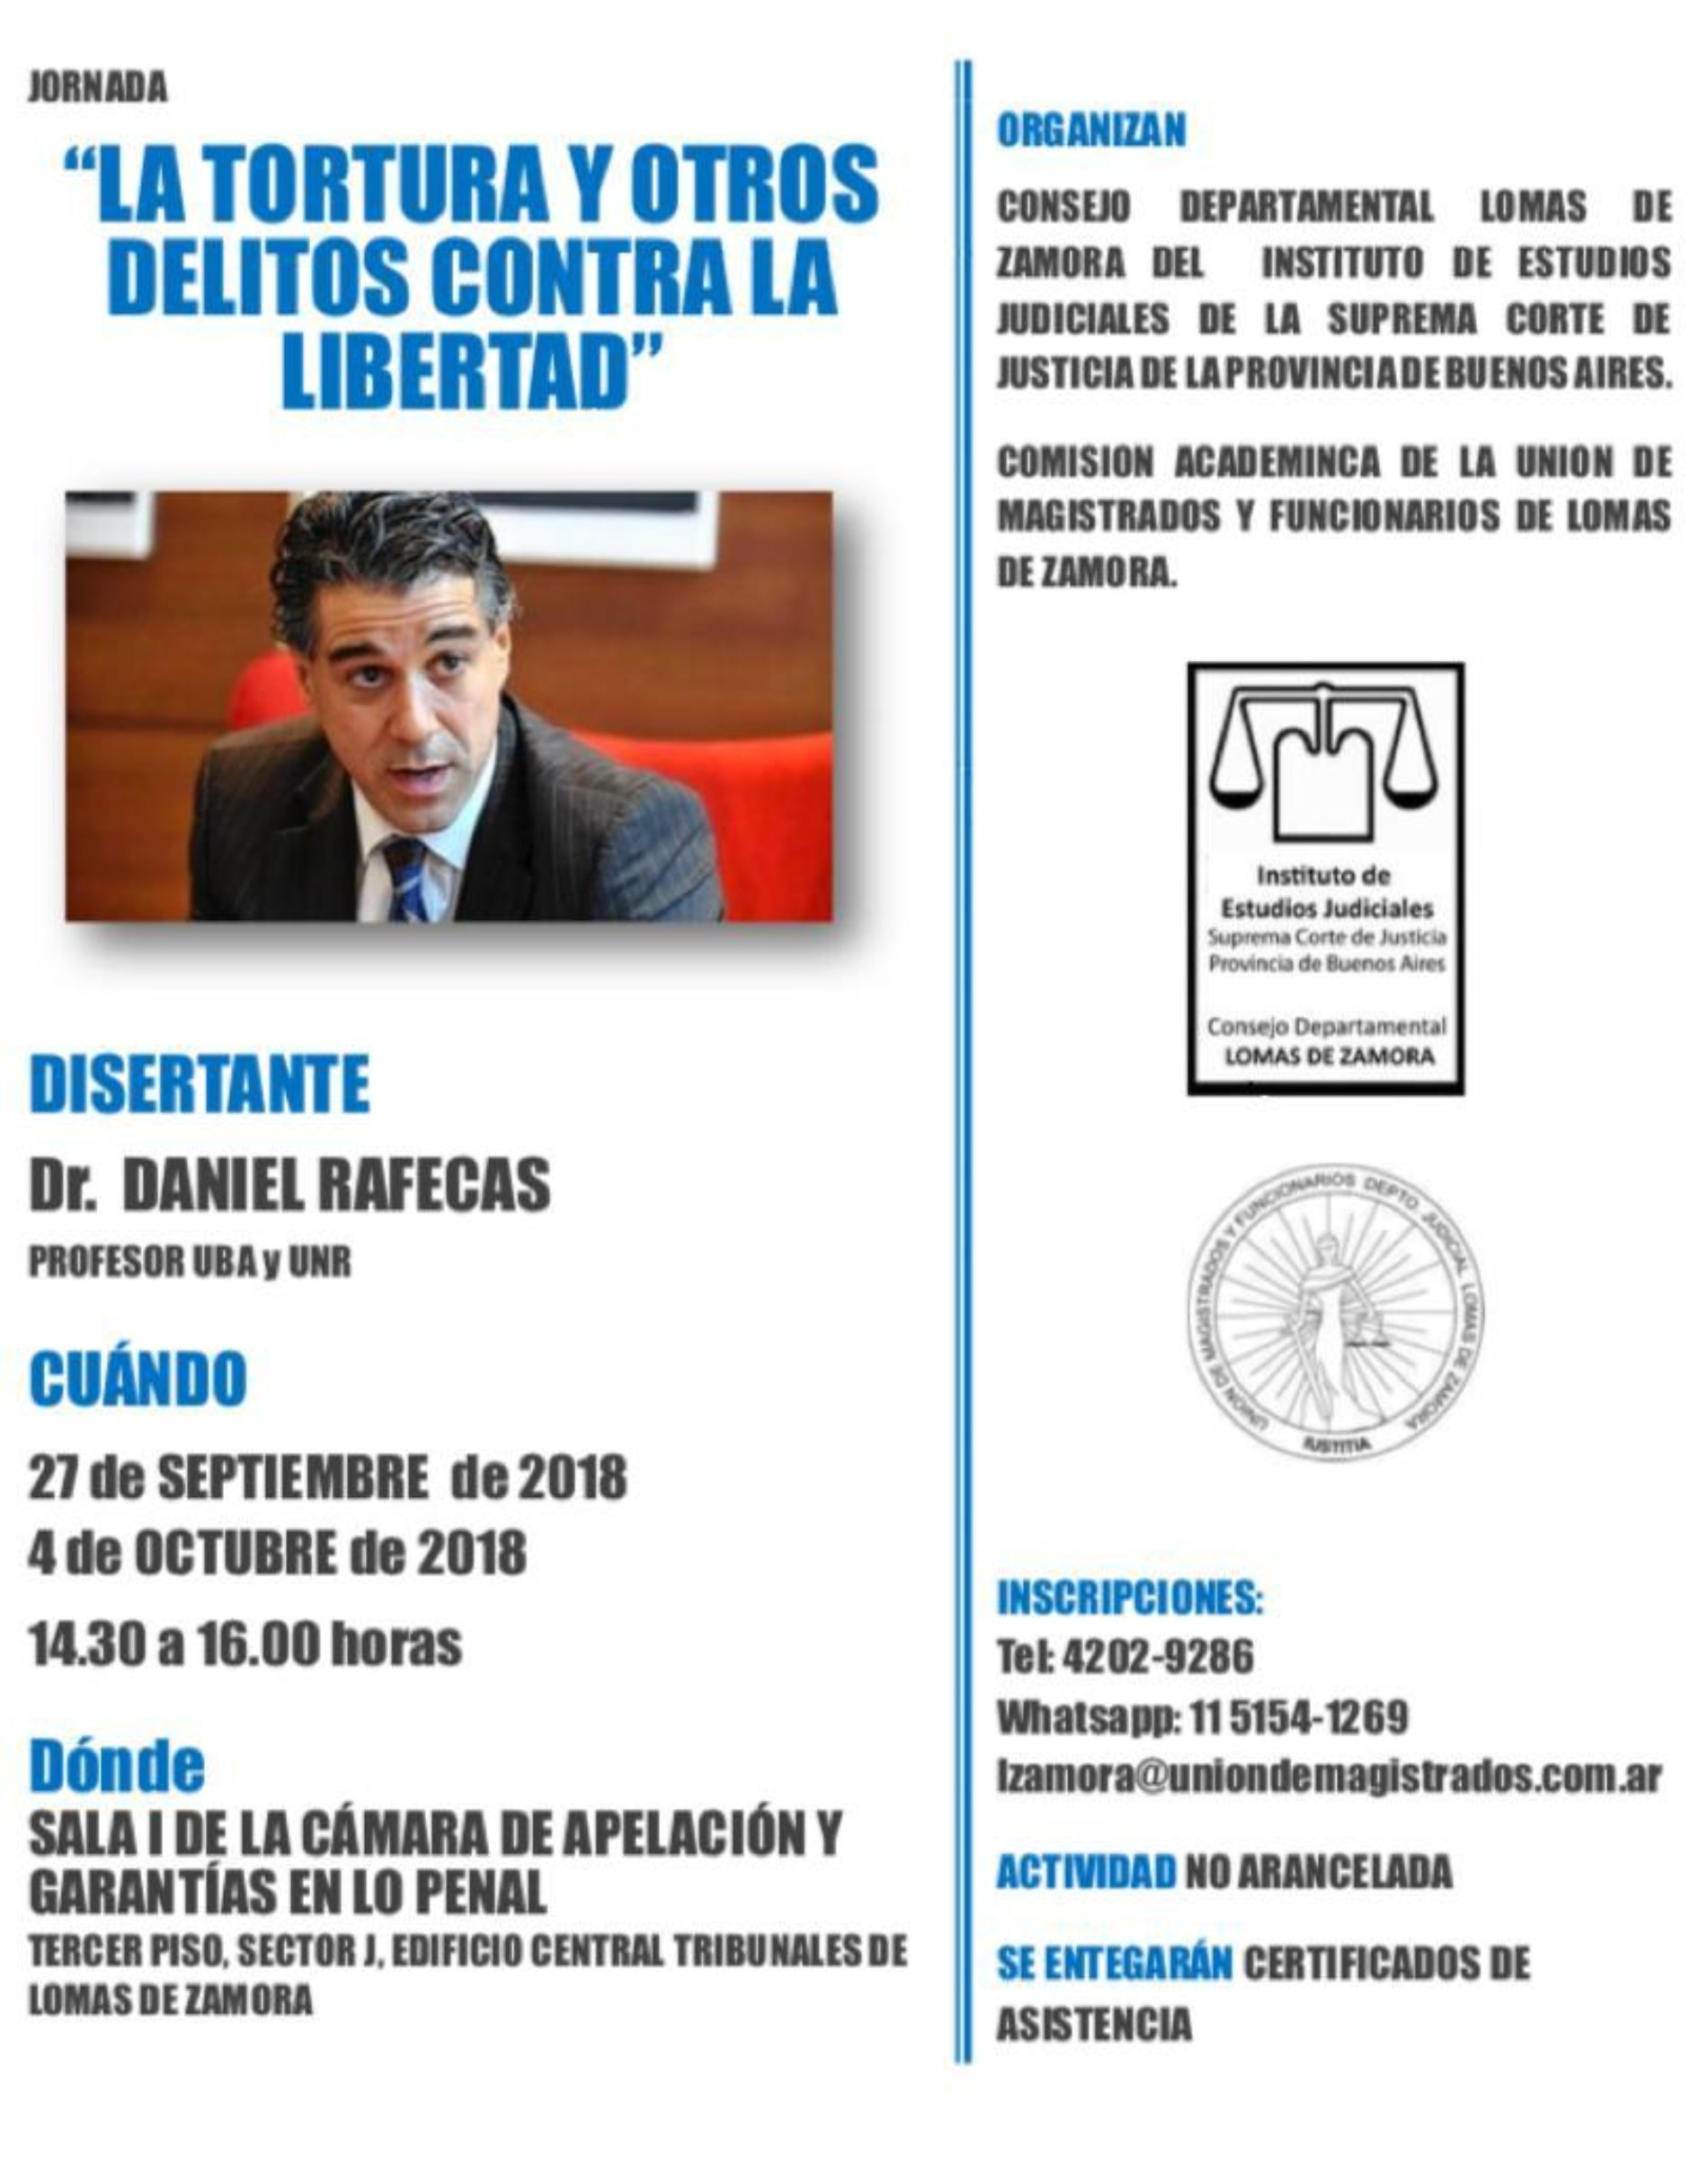 """JORNADAS: """"LA TORTURA Y OTROS DELITOS CONTRA LA LIBERTAD"""" 4/10/18 DE 14:30 A 16:00 HS."""